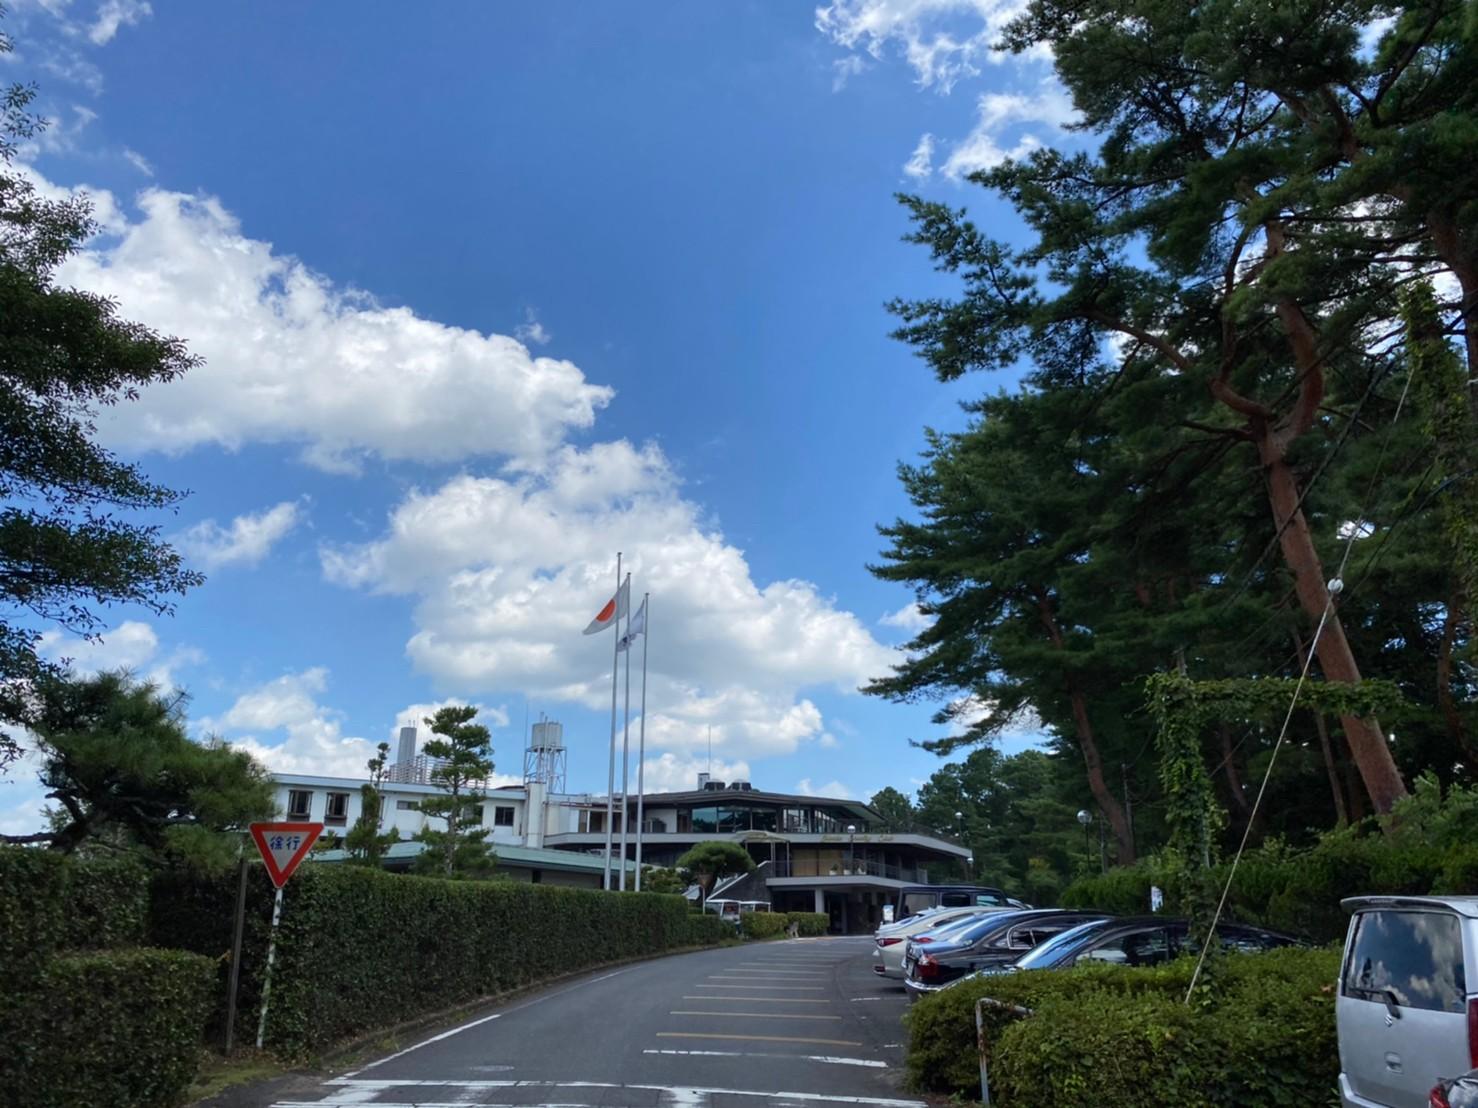 【栗東市】『琵琶湖カントリー倶楽部』情報まとめ(アクセス・駐車場)